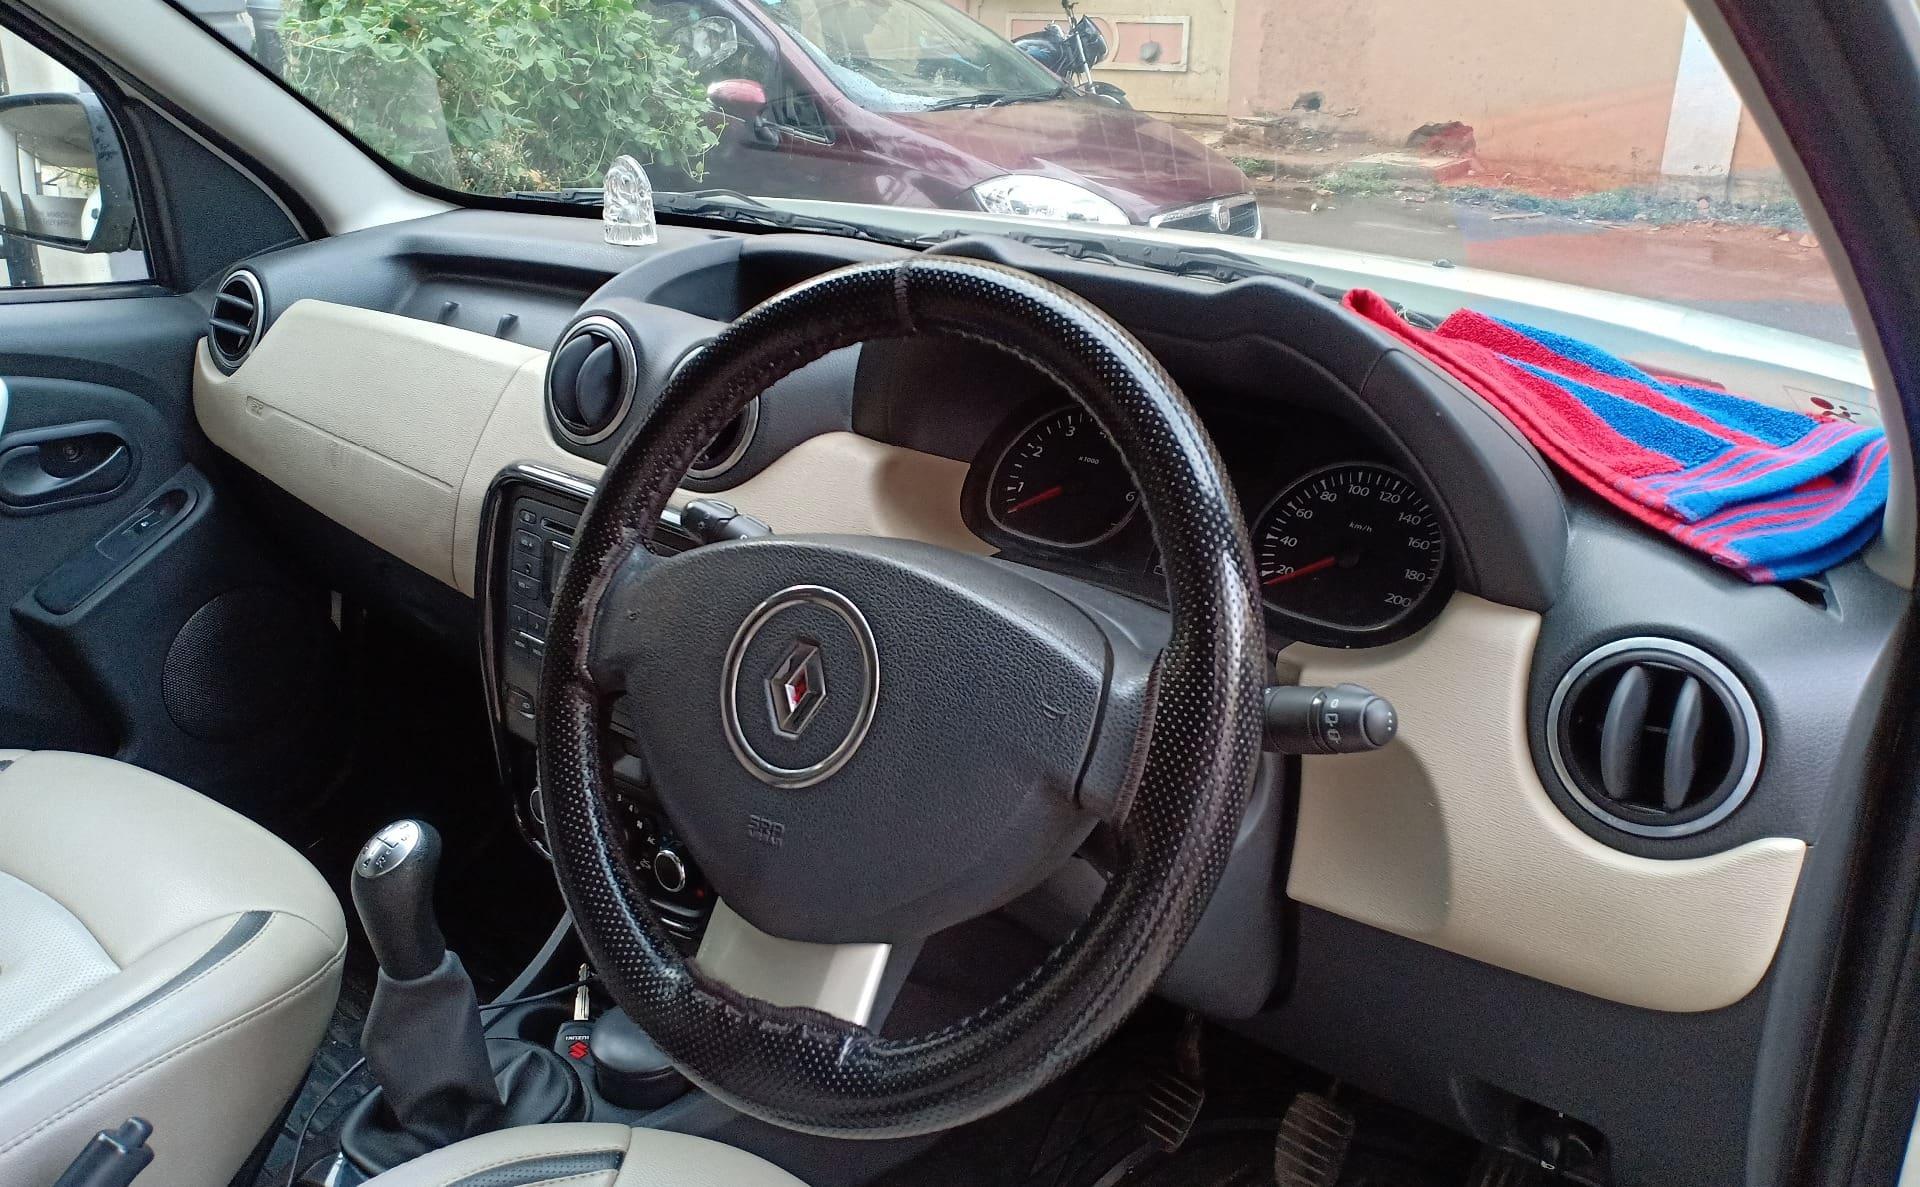 Renault Duster 85PS Diesel RxL